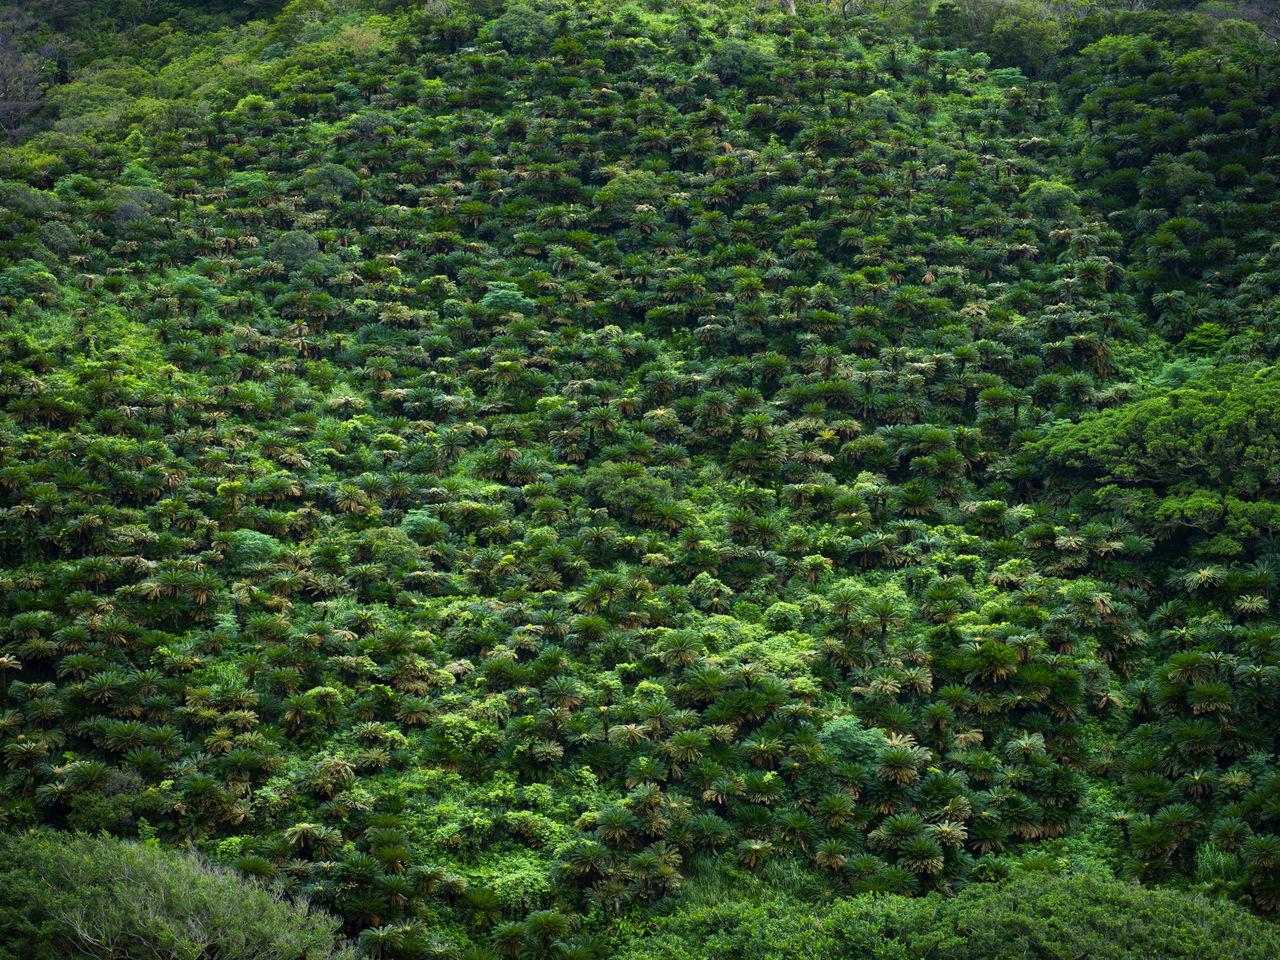 Для японской саговой пальмы нехарактерно образовывать такие густые заросли. Во время войны эти деревья использовались как в пищу, так и в качестве топлива